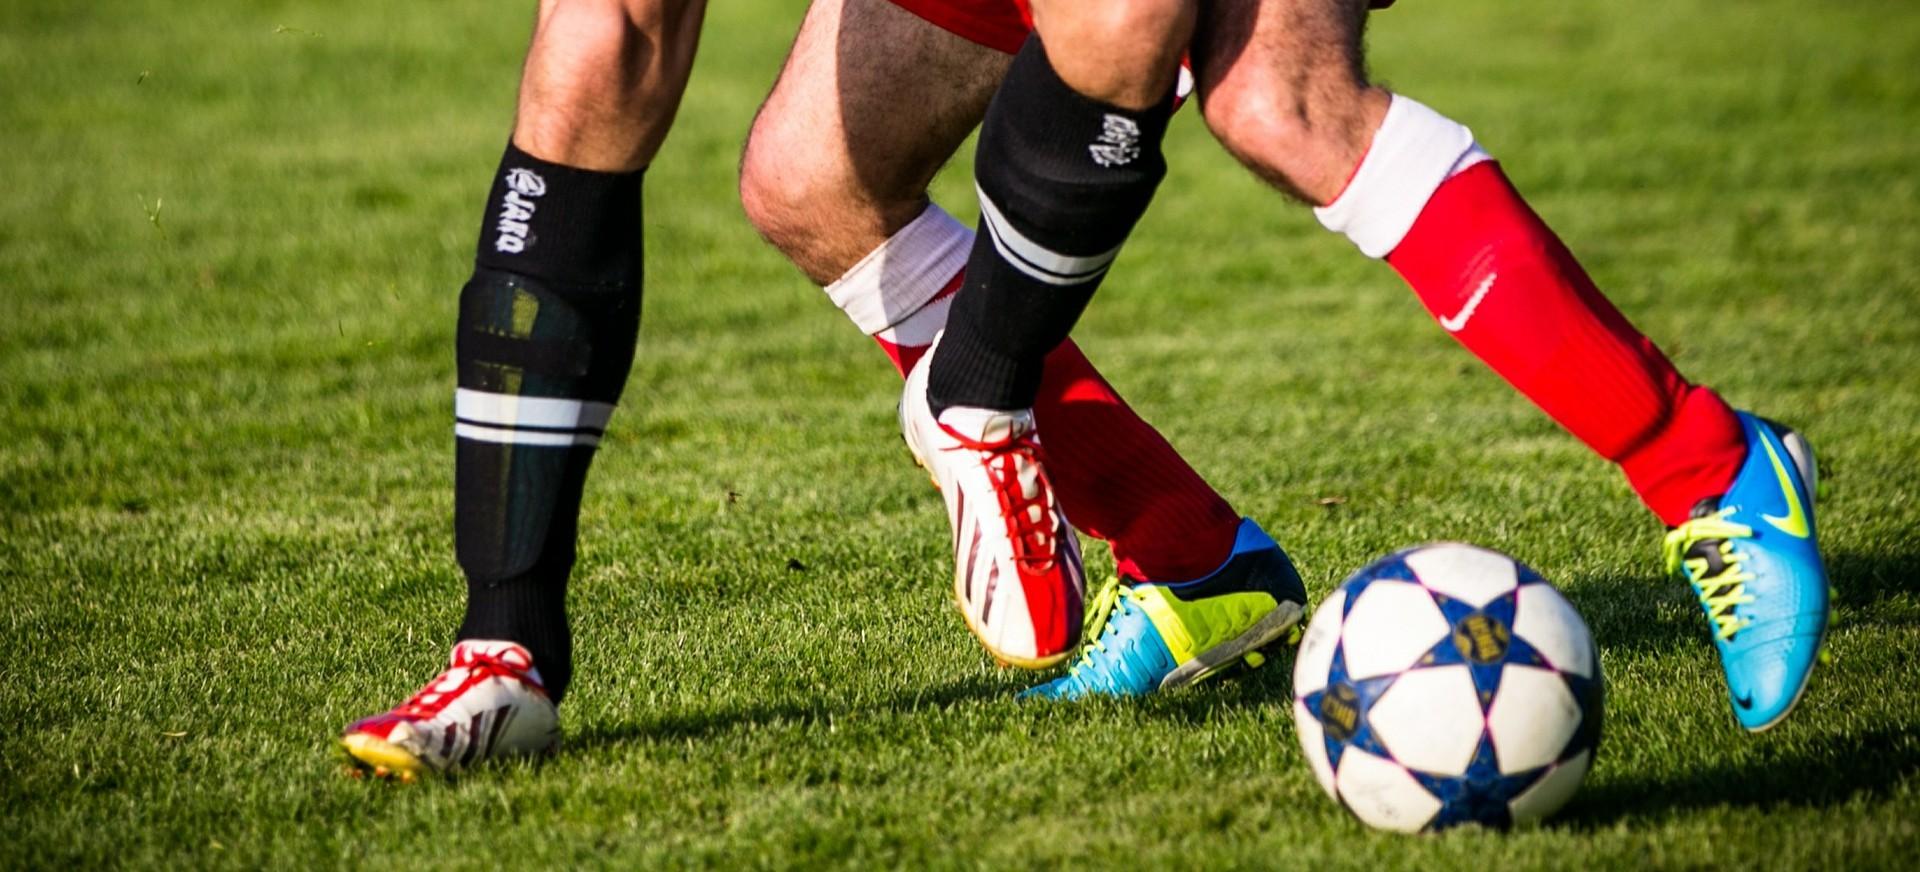 X Otwarty Letni Turniej Piłki Nożnej o Puchar Rady Gminy Solina